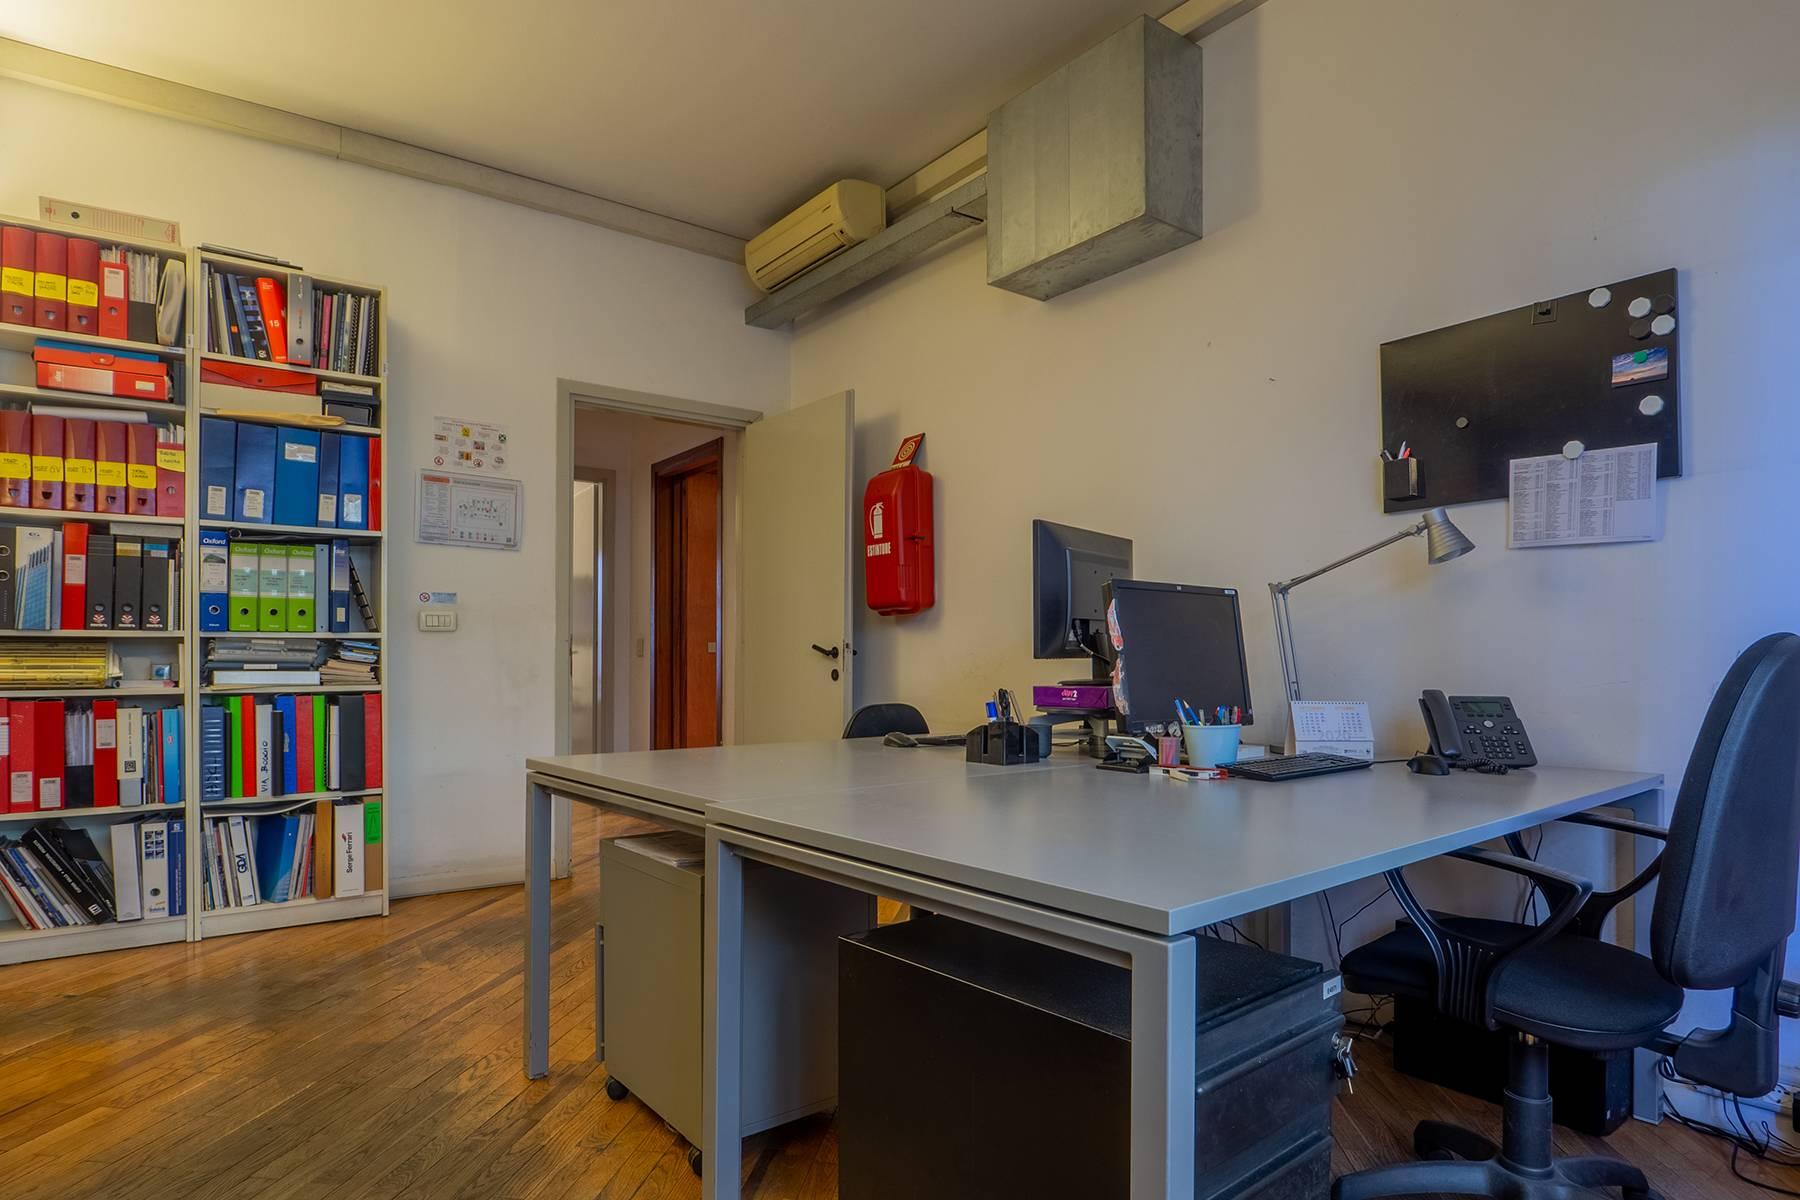 Ufficio-studio in Vendita a Torino: 2 locali, 89 mq - Foto 10